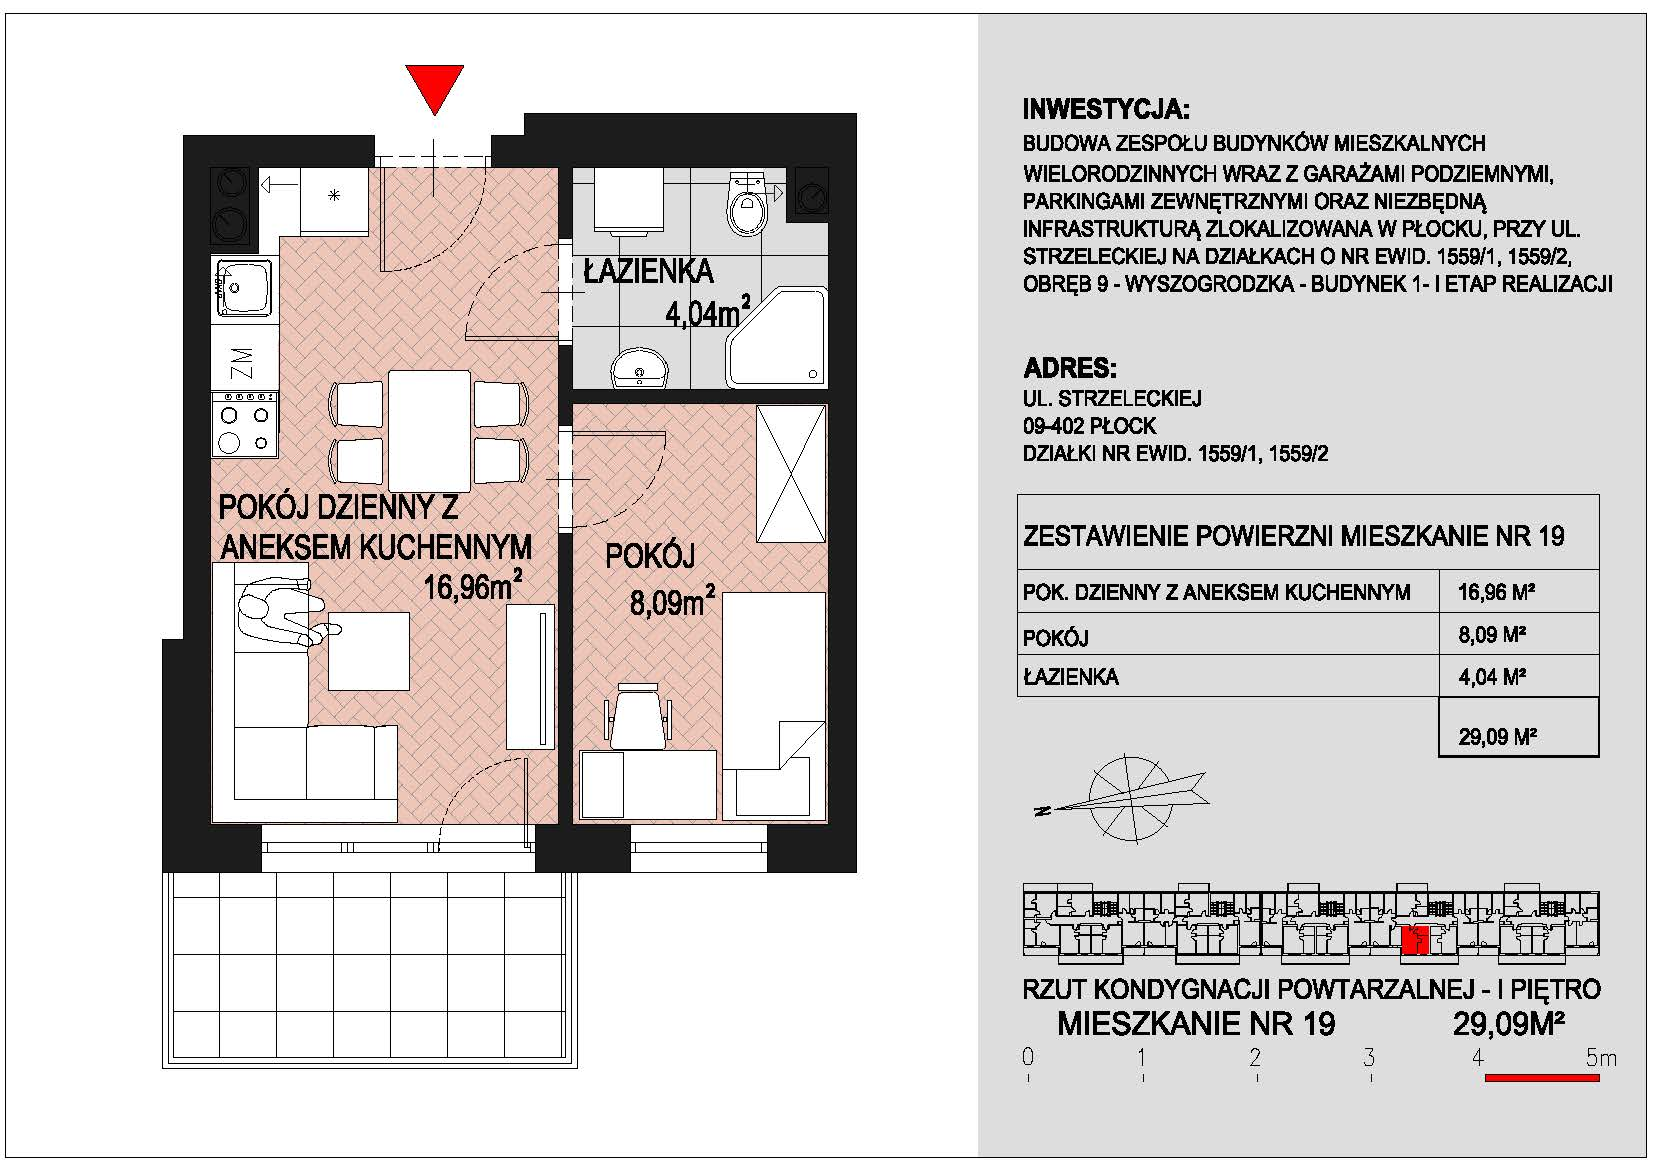 mieszkanie nr 19 PIK Płock